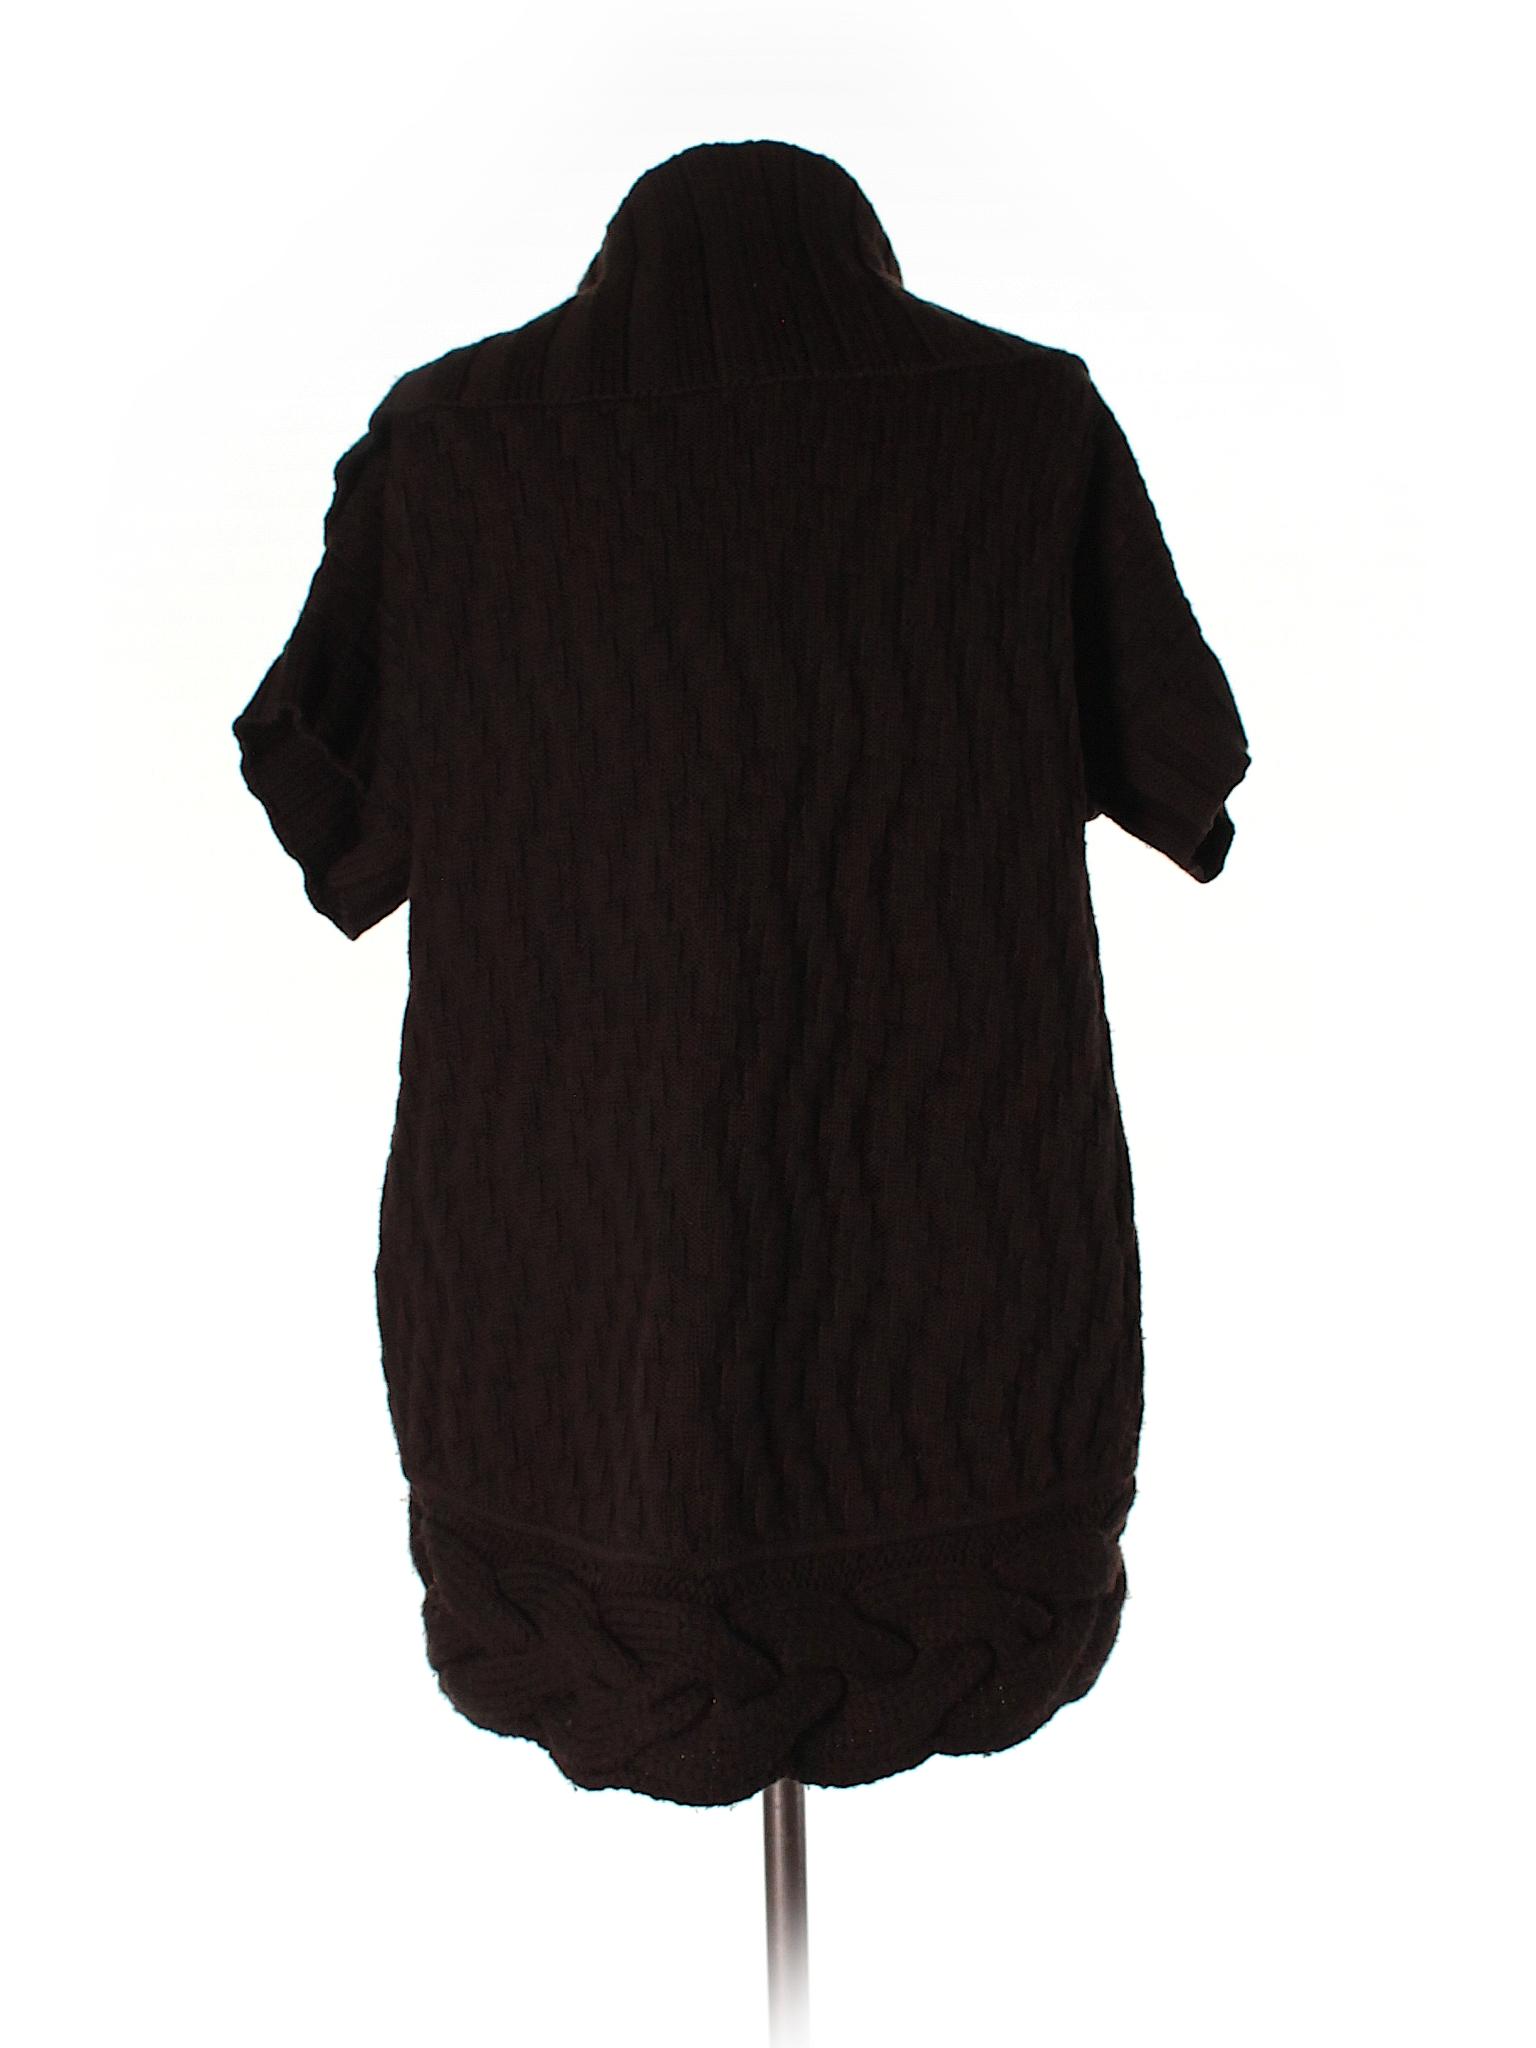 Furstenberg von winter Cardigan Wool Boutique Diane THFwqxS